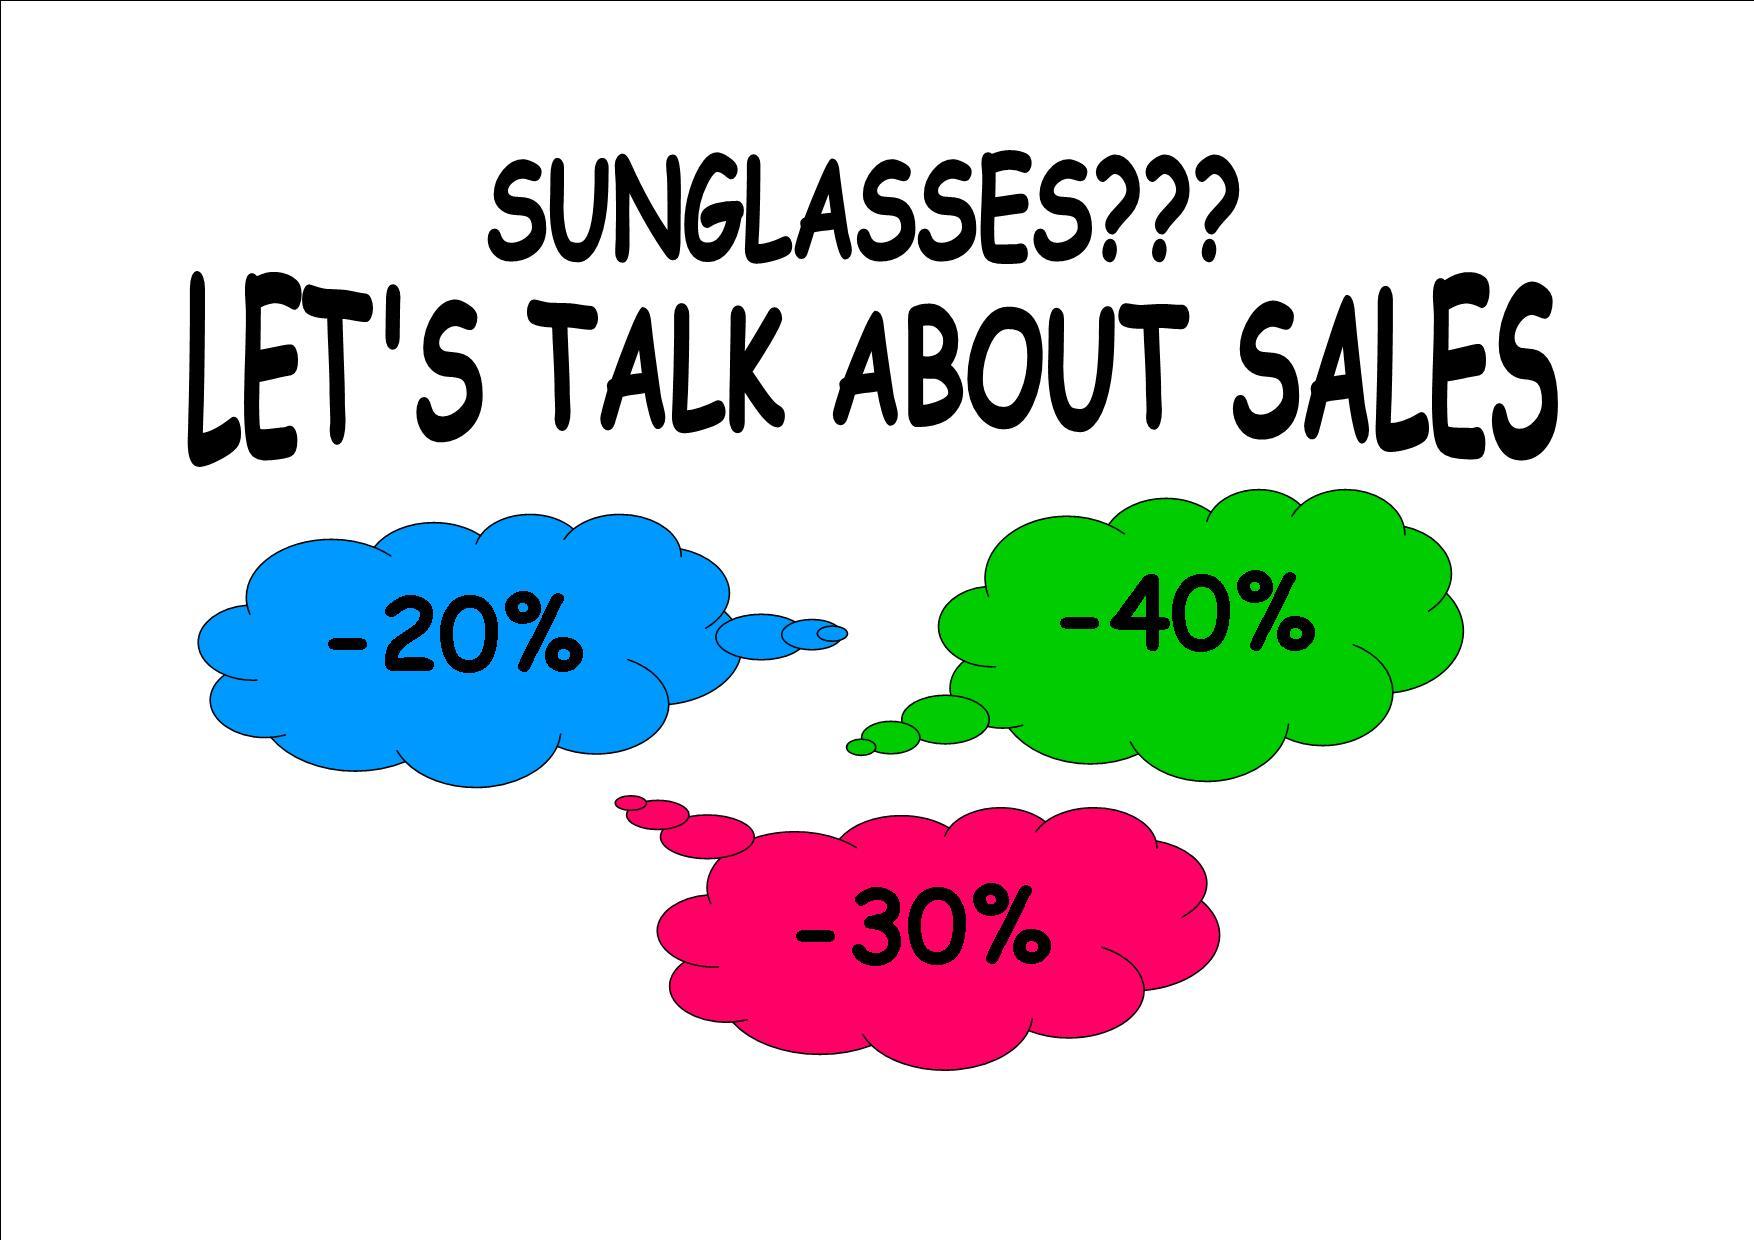 Sunglasses offer.jpg